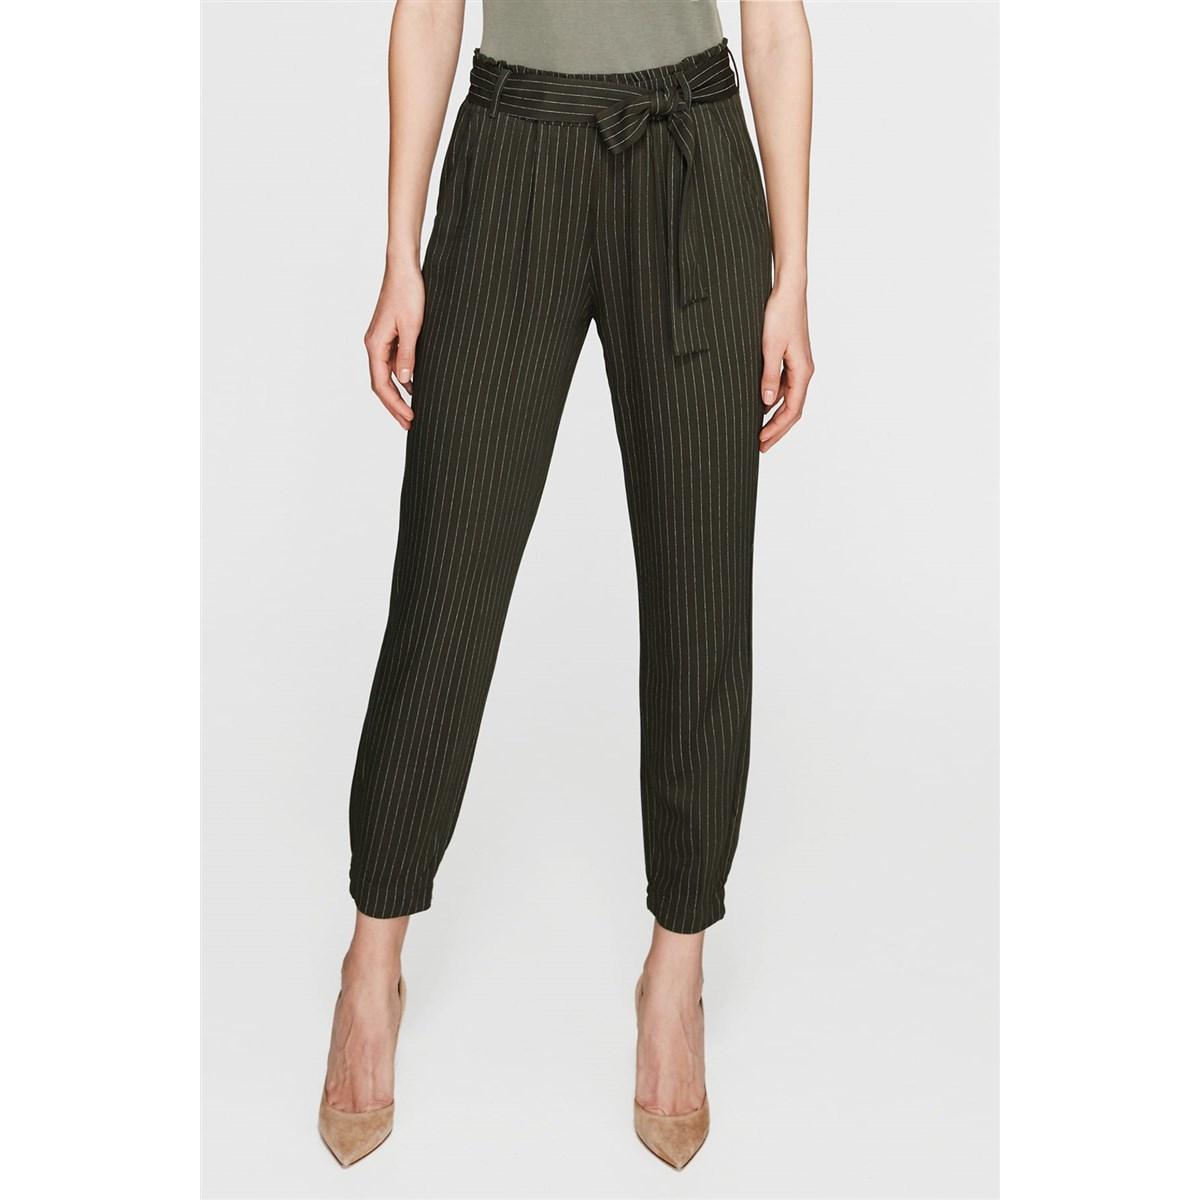 Beli Lastikli Çizgili Haki Kadın Günlük Pantolon